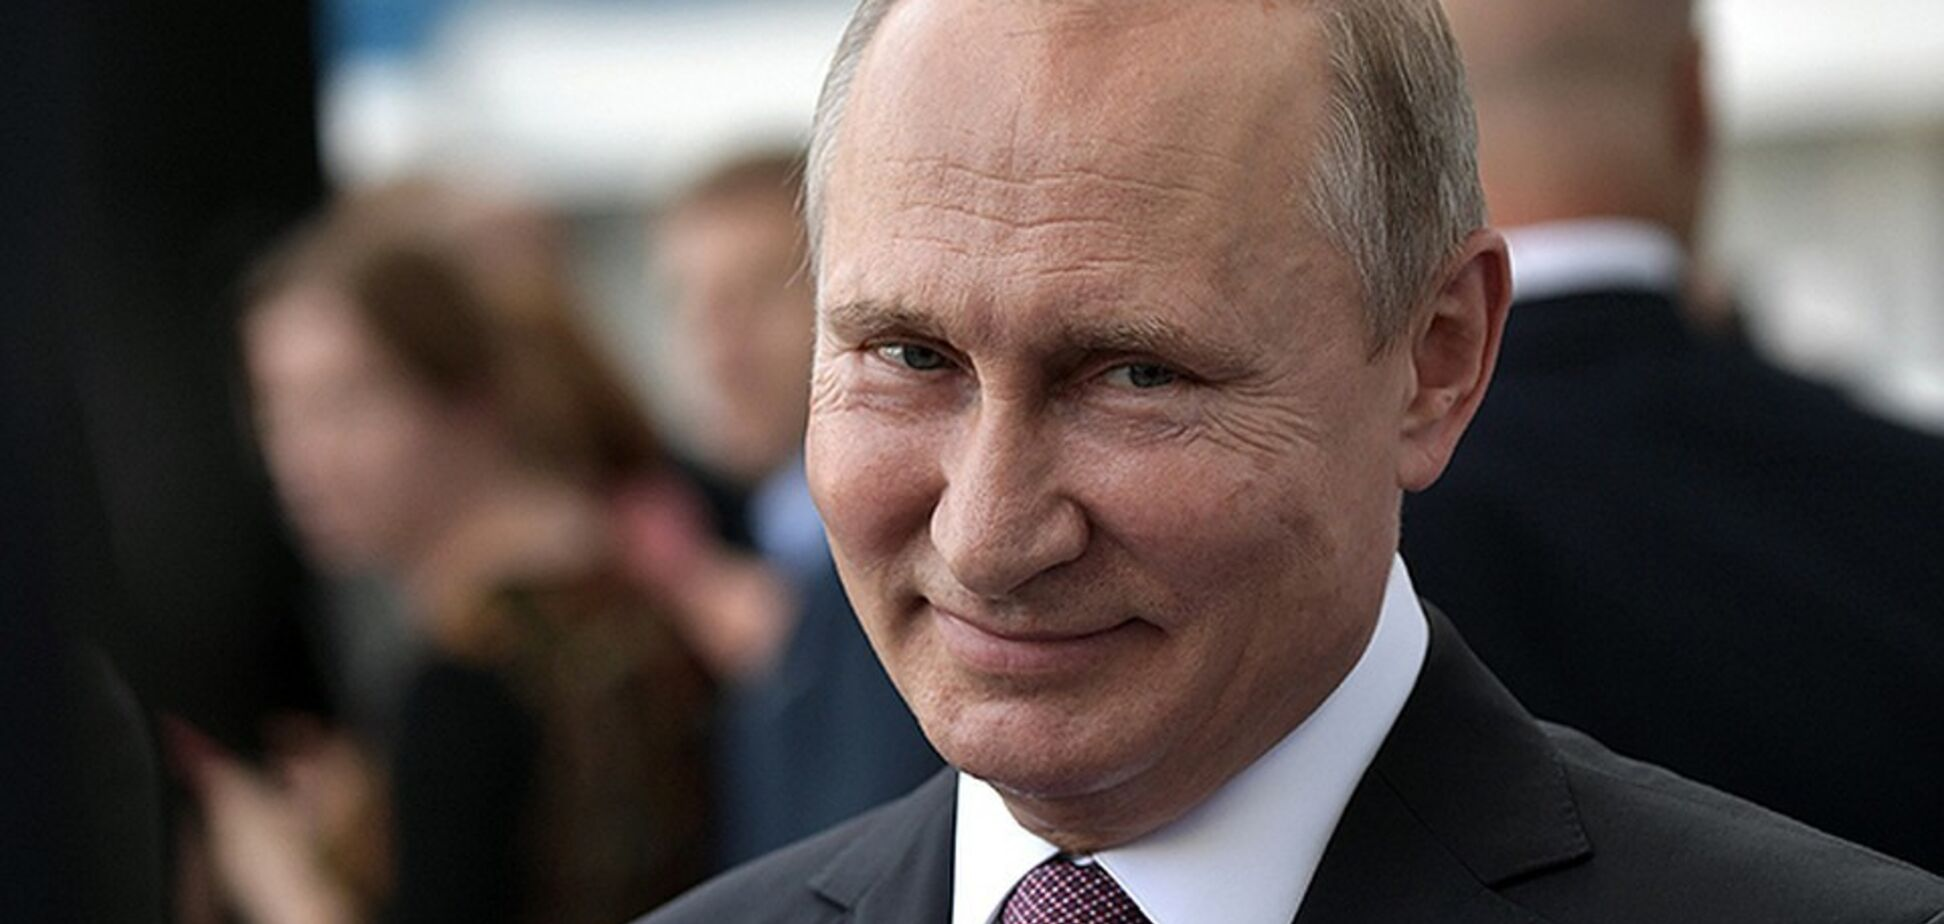 Путін передумає? З'явився несподіваний прогноз для України на 2019 рік